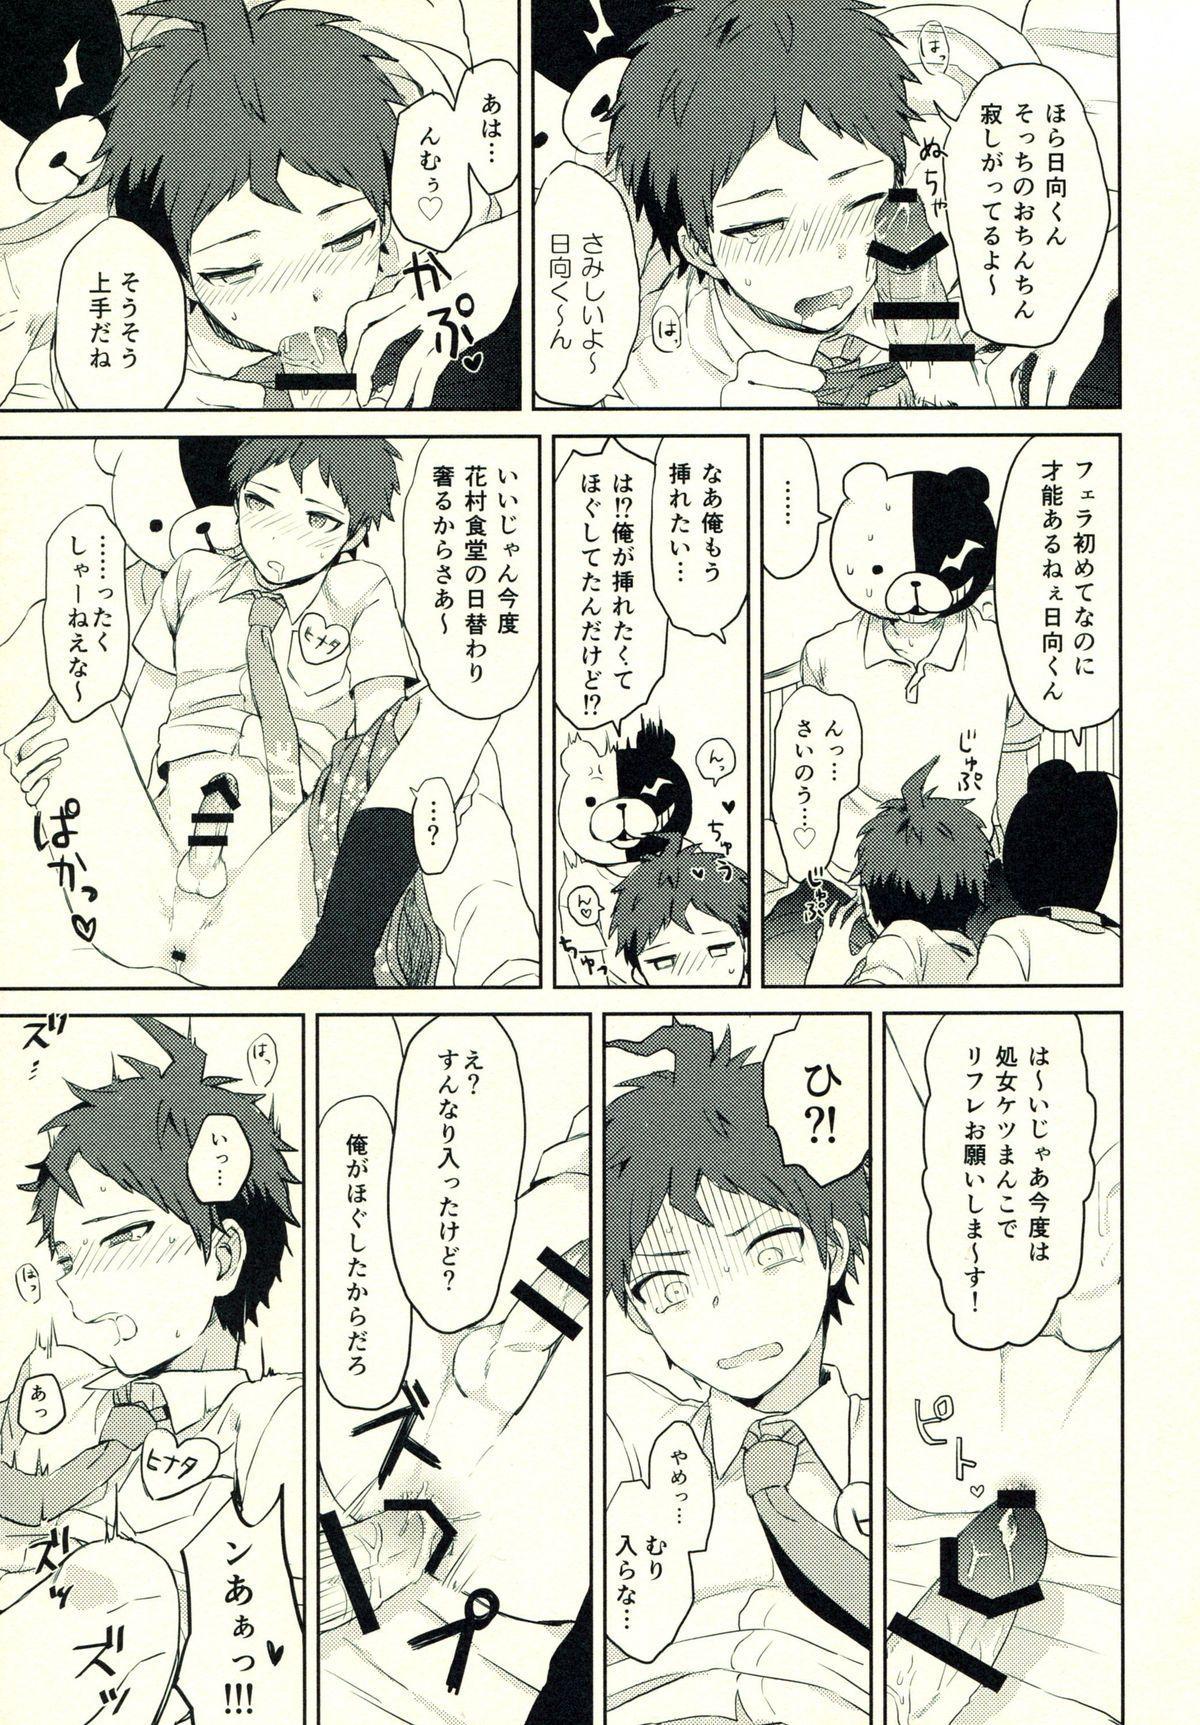 Hinata Hajime no Himitsu no Jikan 77